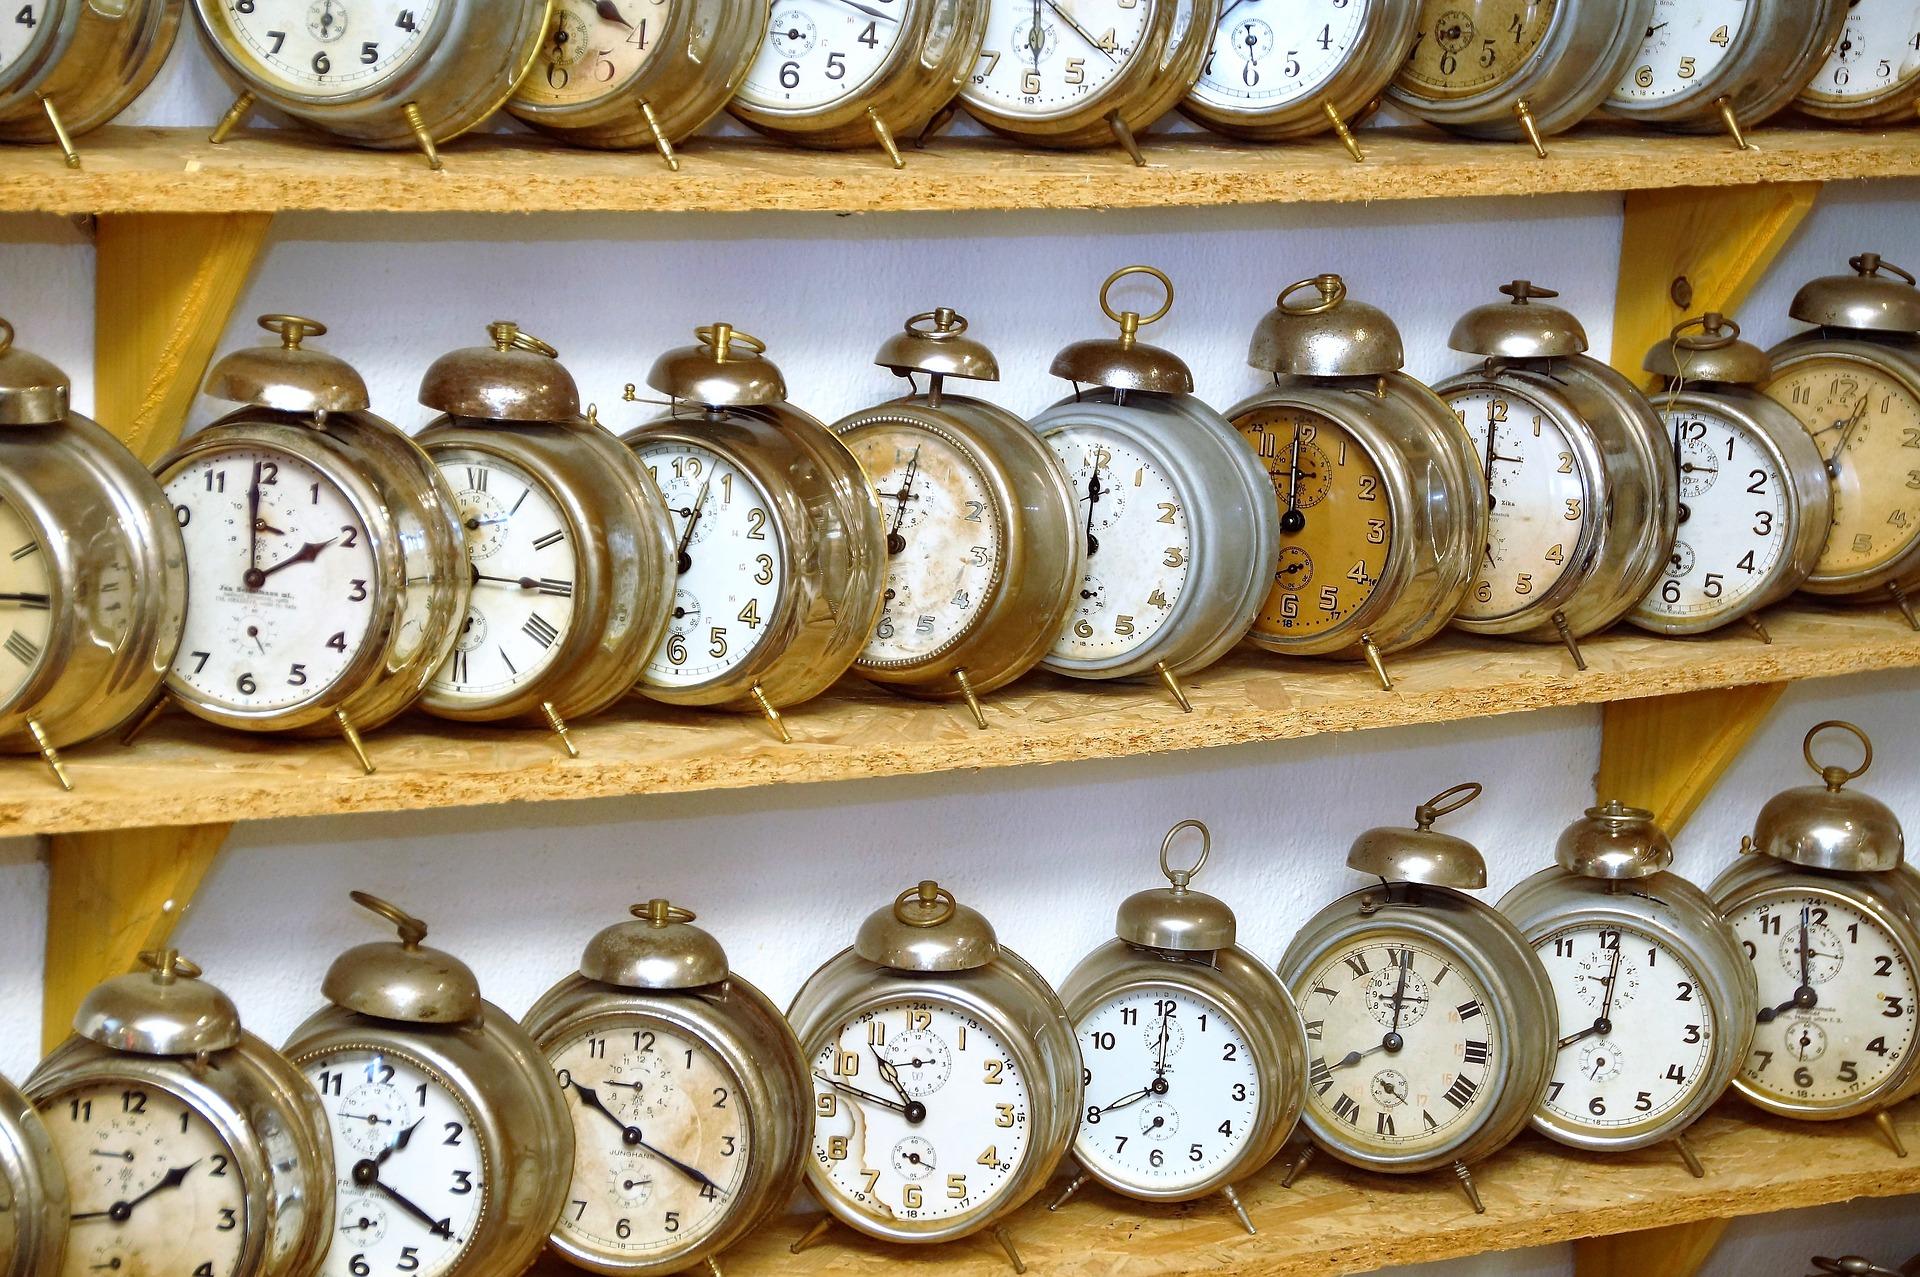 alarm-clock-1647866_1920.jpg